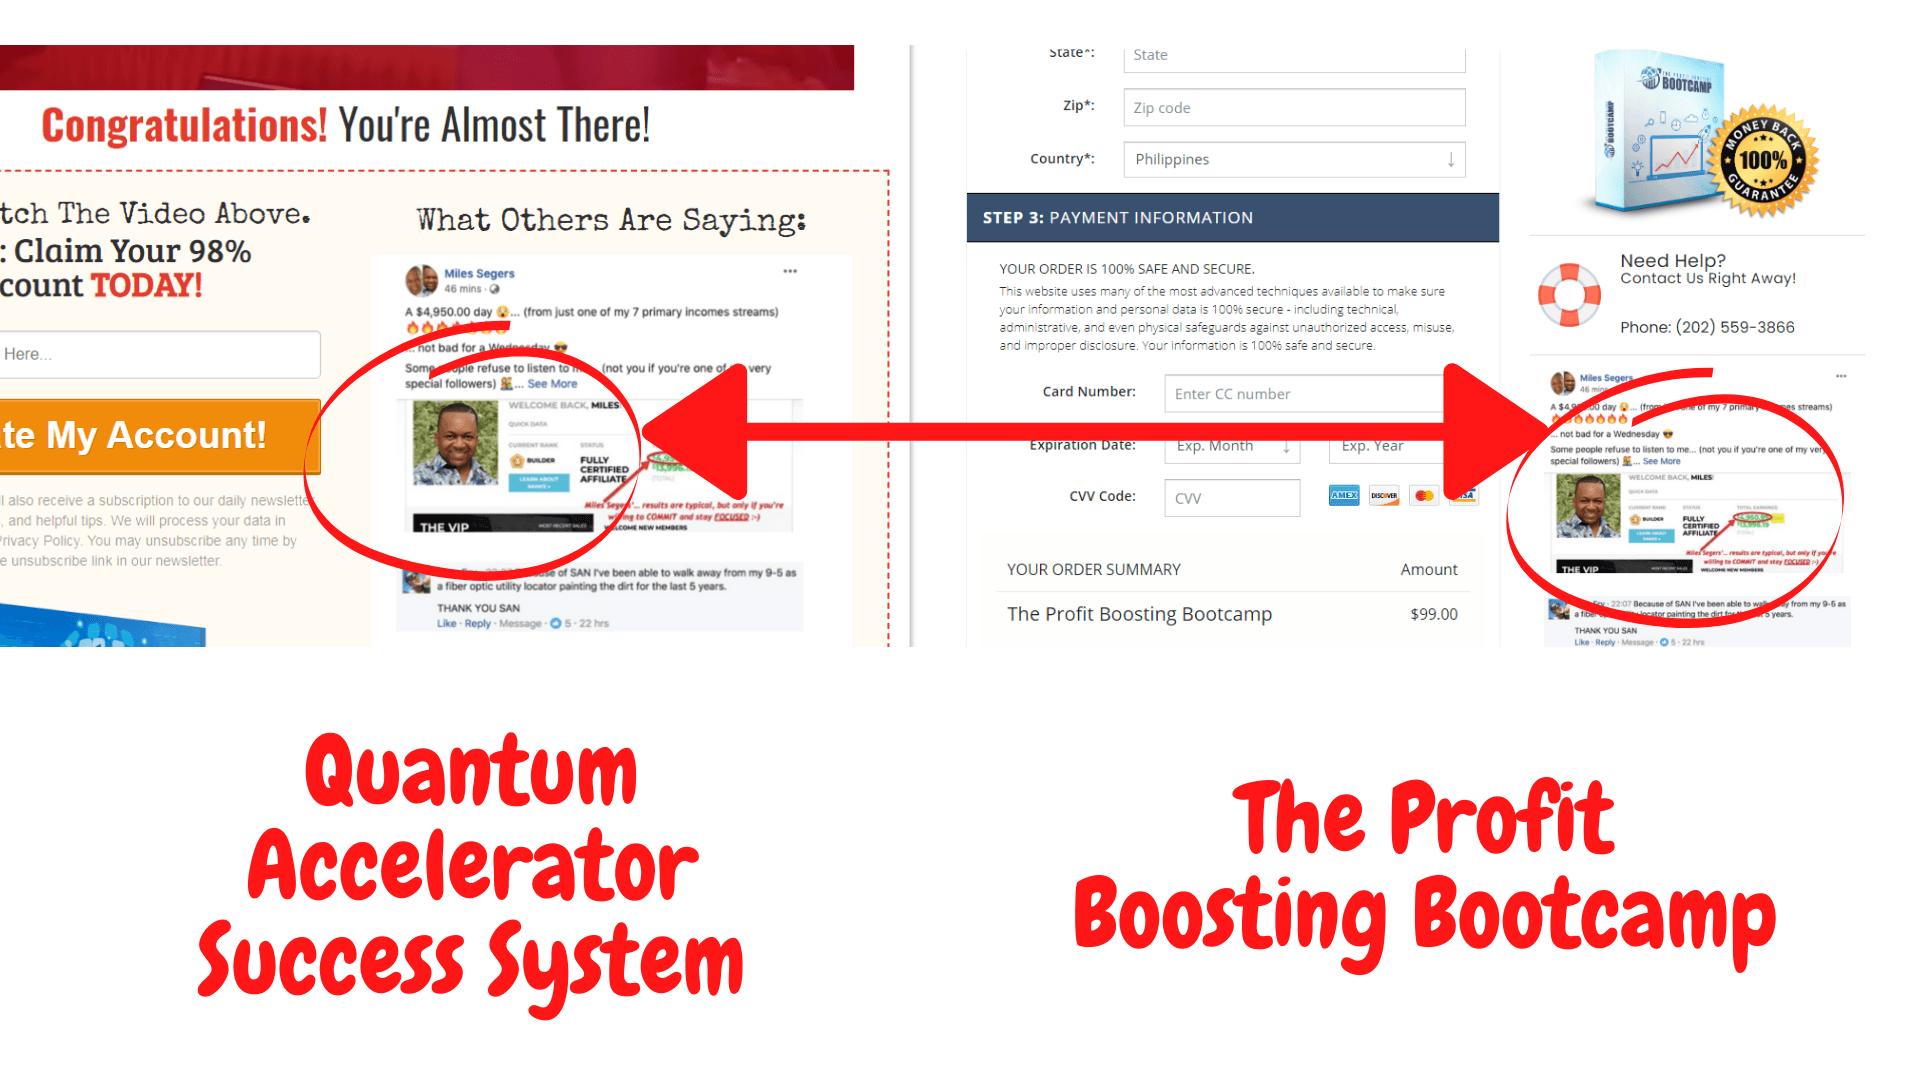 Quantum Accelerator Image 10